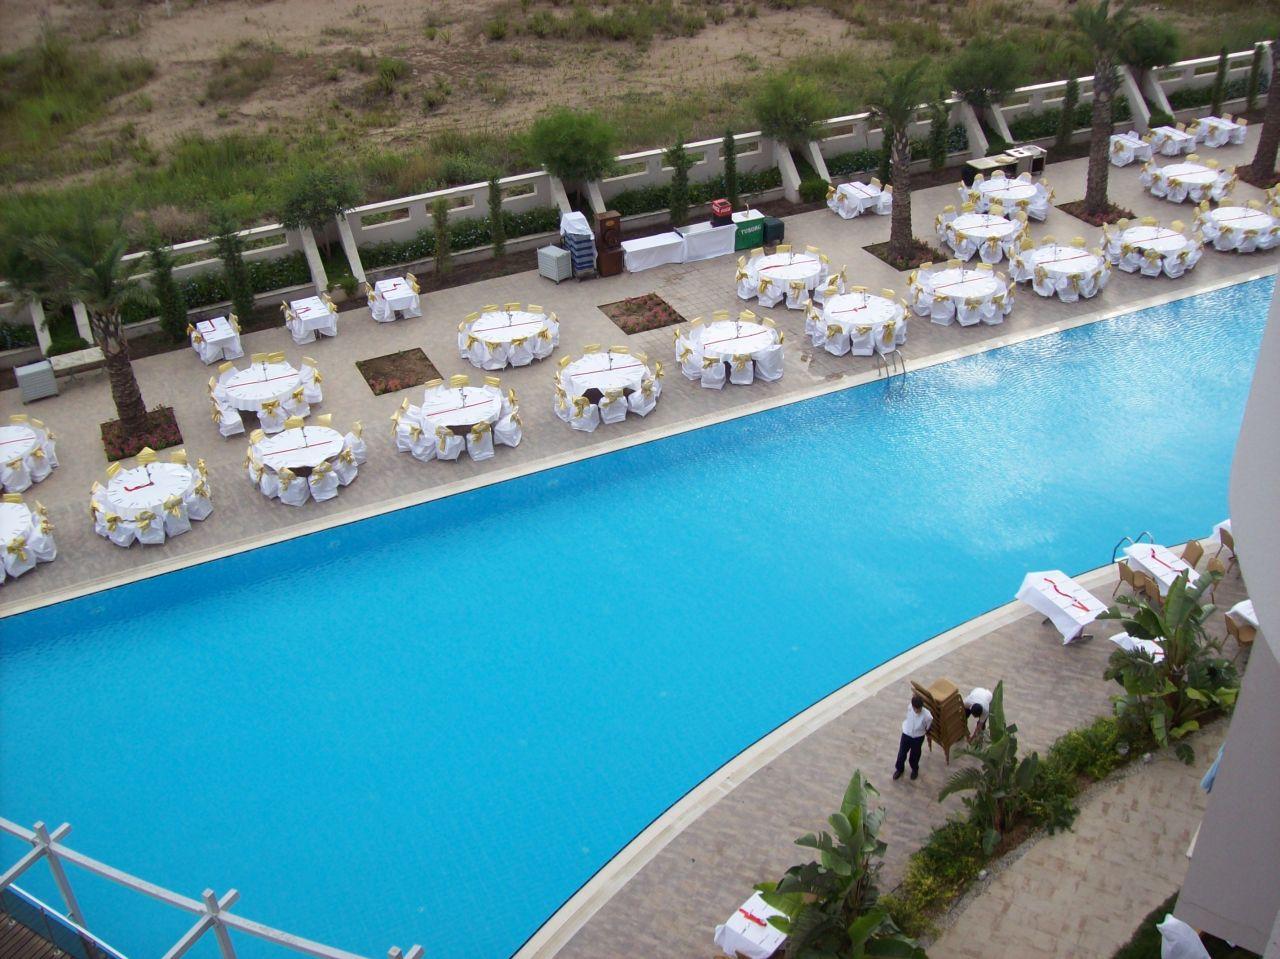 swinger hotel urlaub höschen zur seite